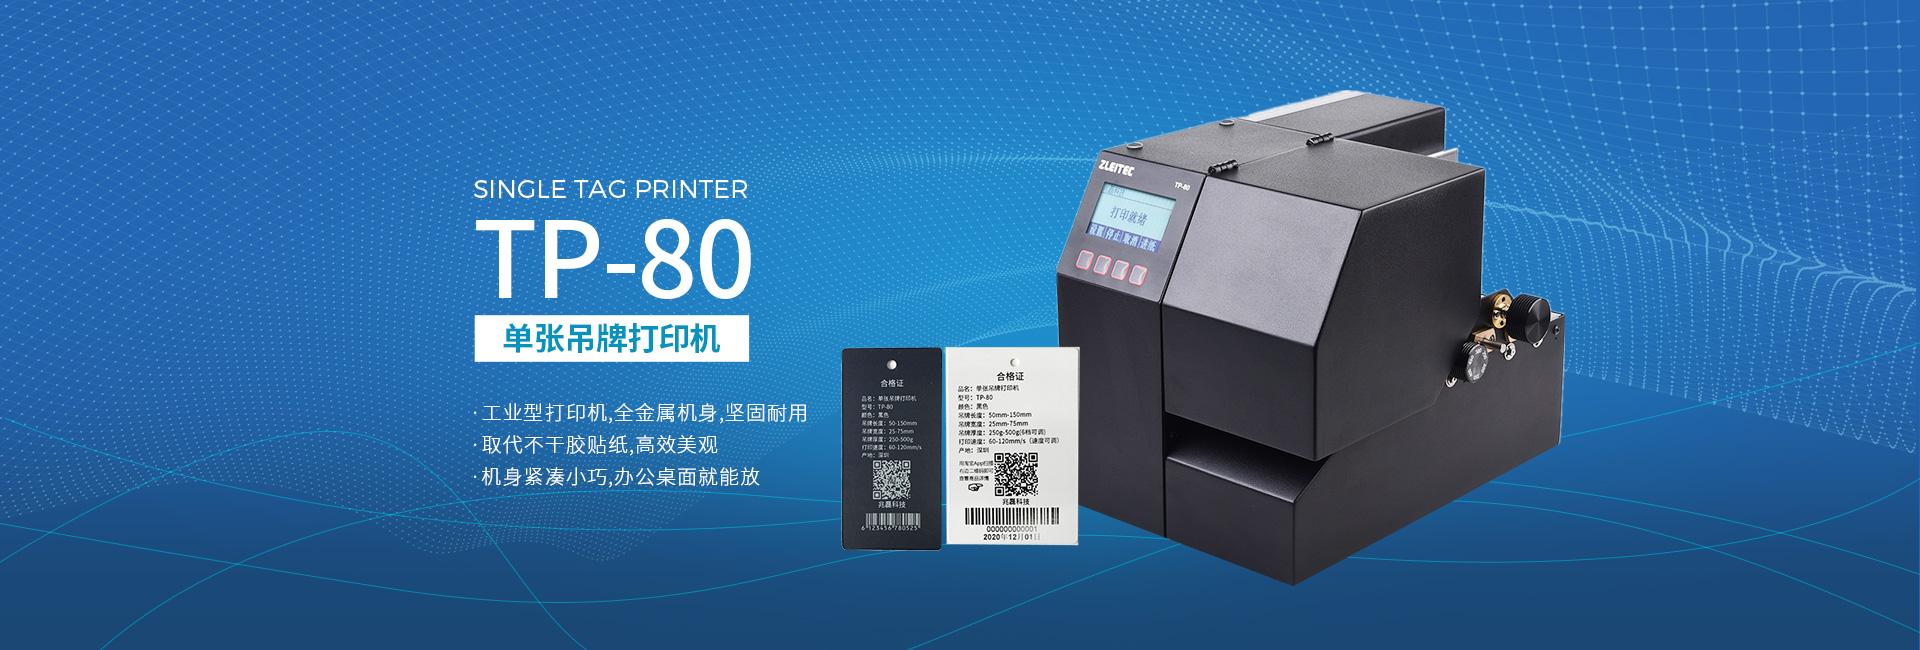 單張吊牌打印機